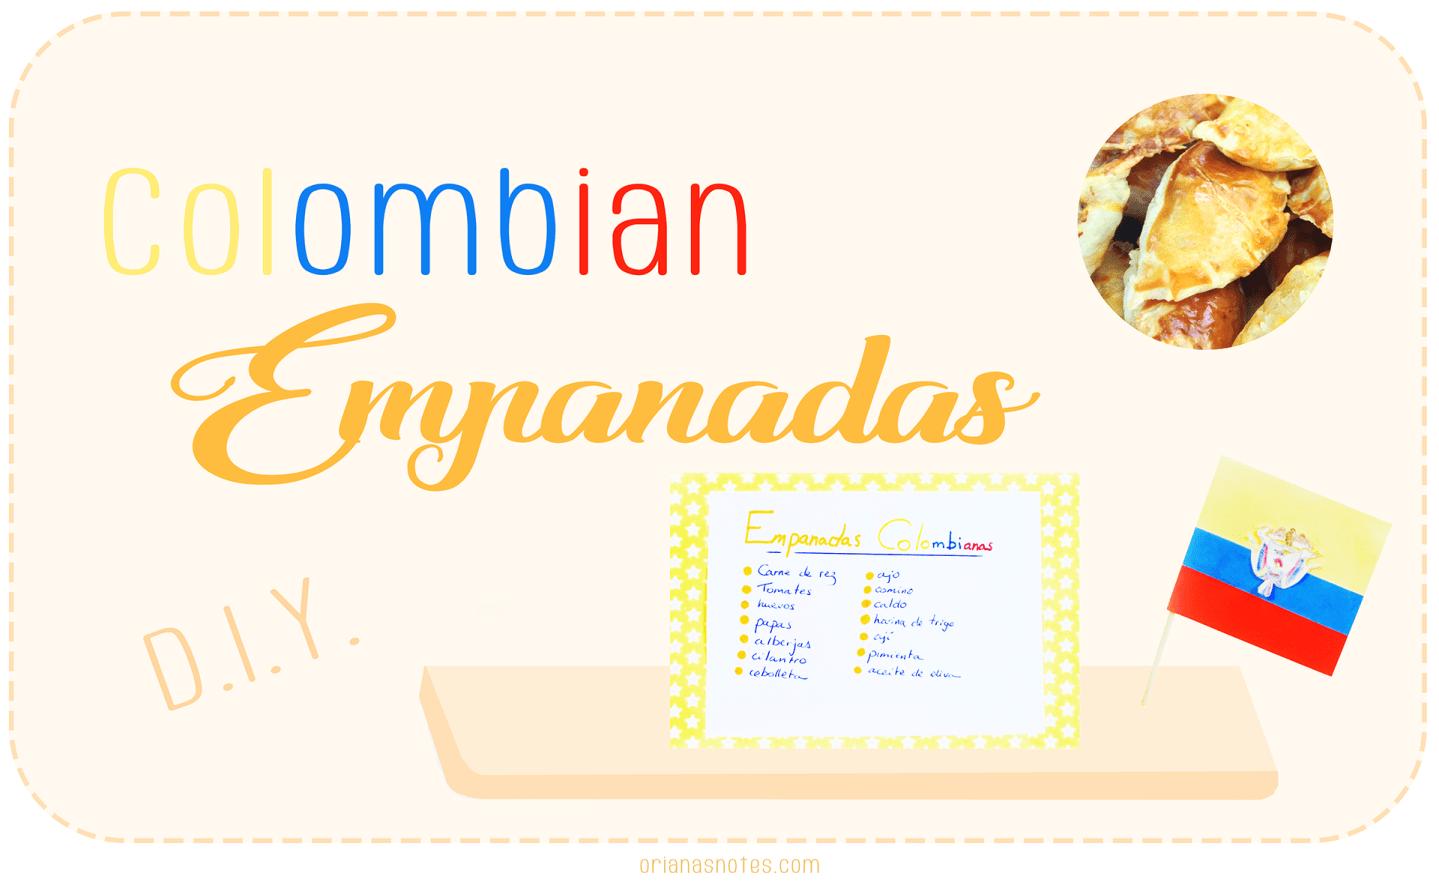 DIY – Colombian Empanadas Recipe